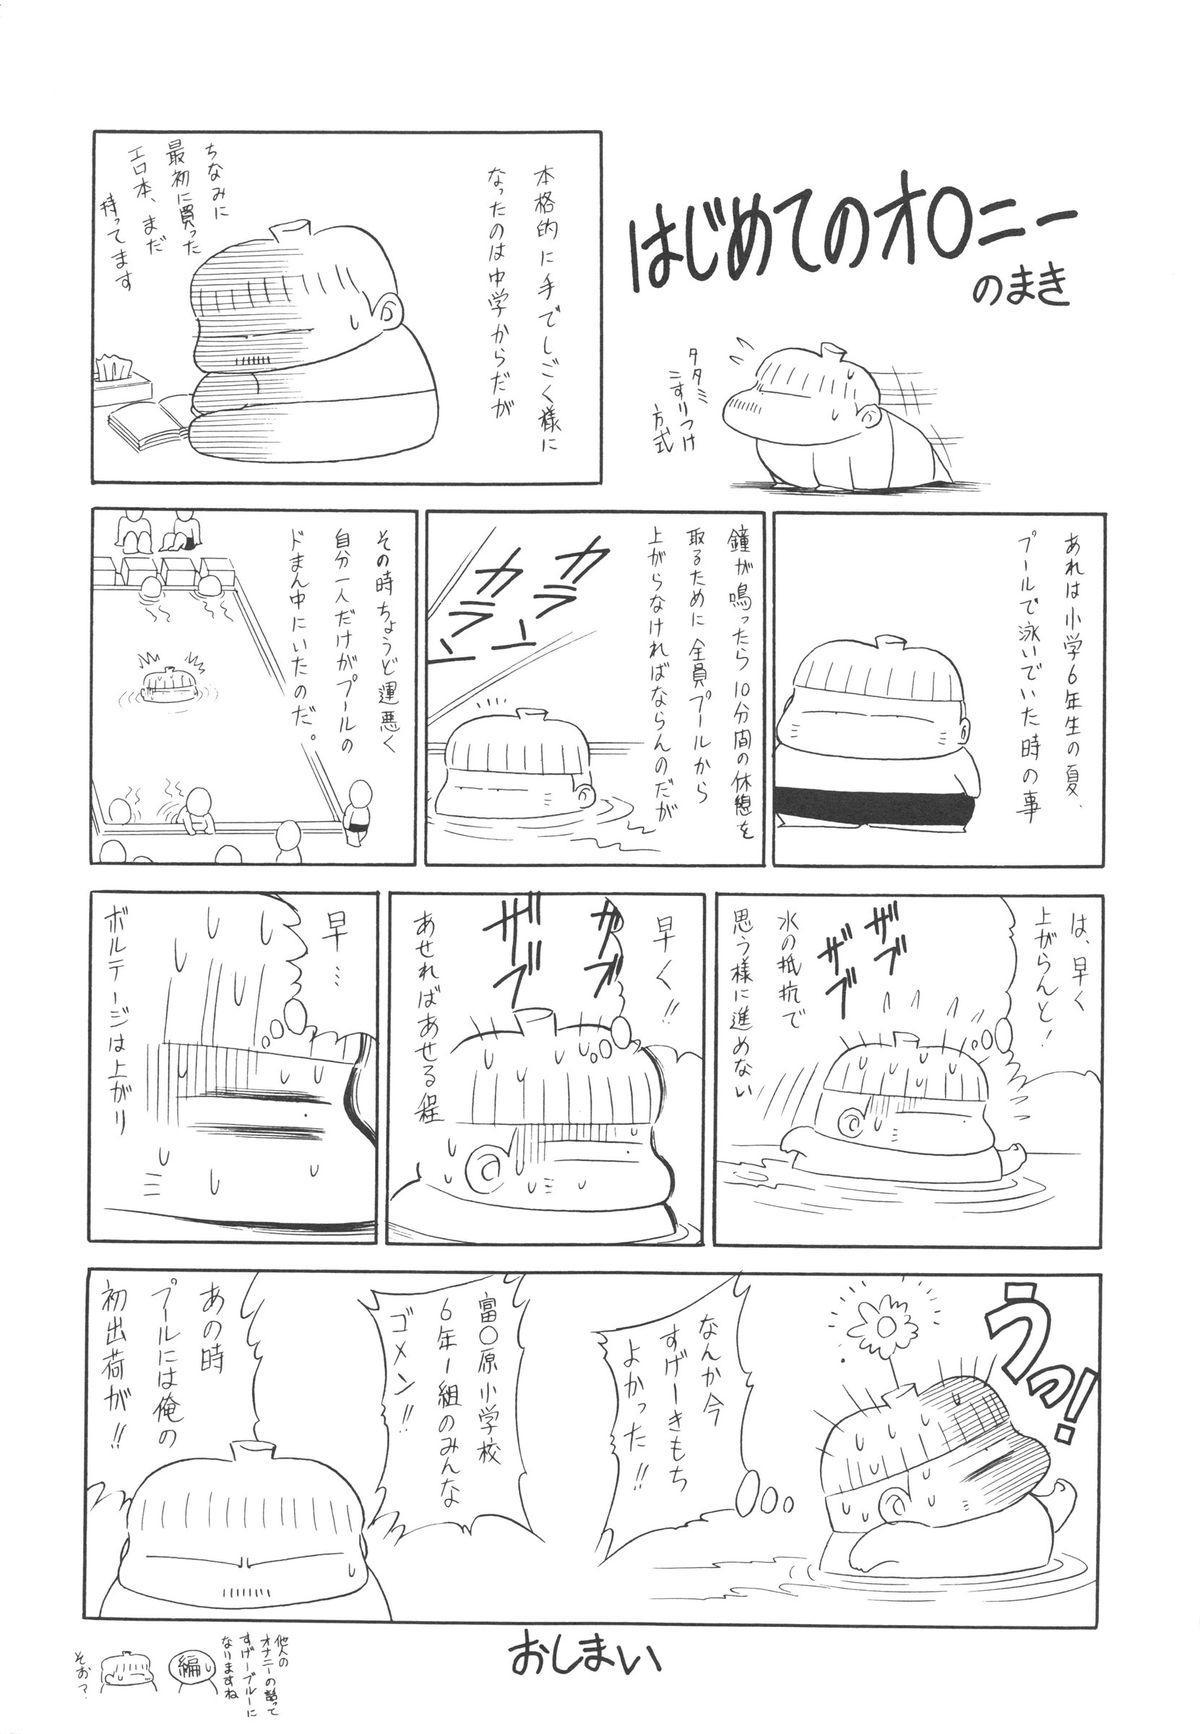 Aware na Shoujo no Hanashi 197